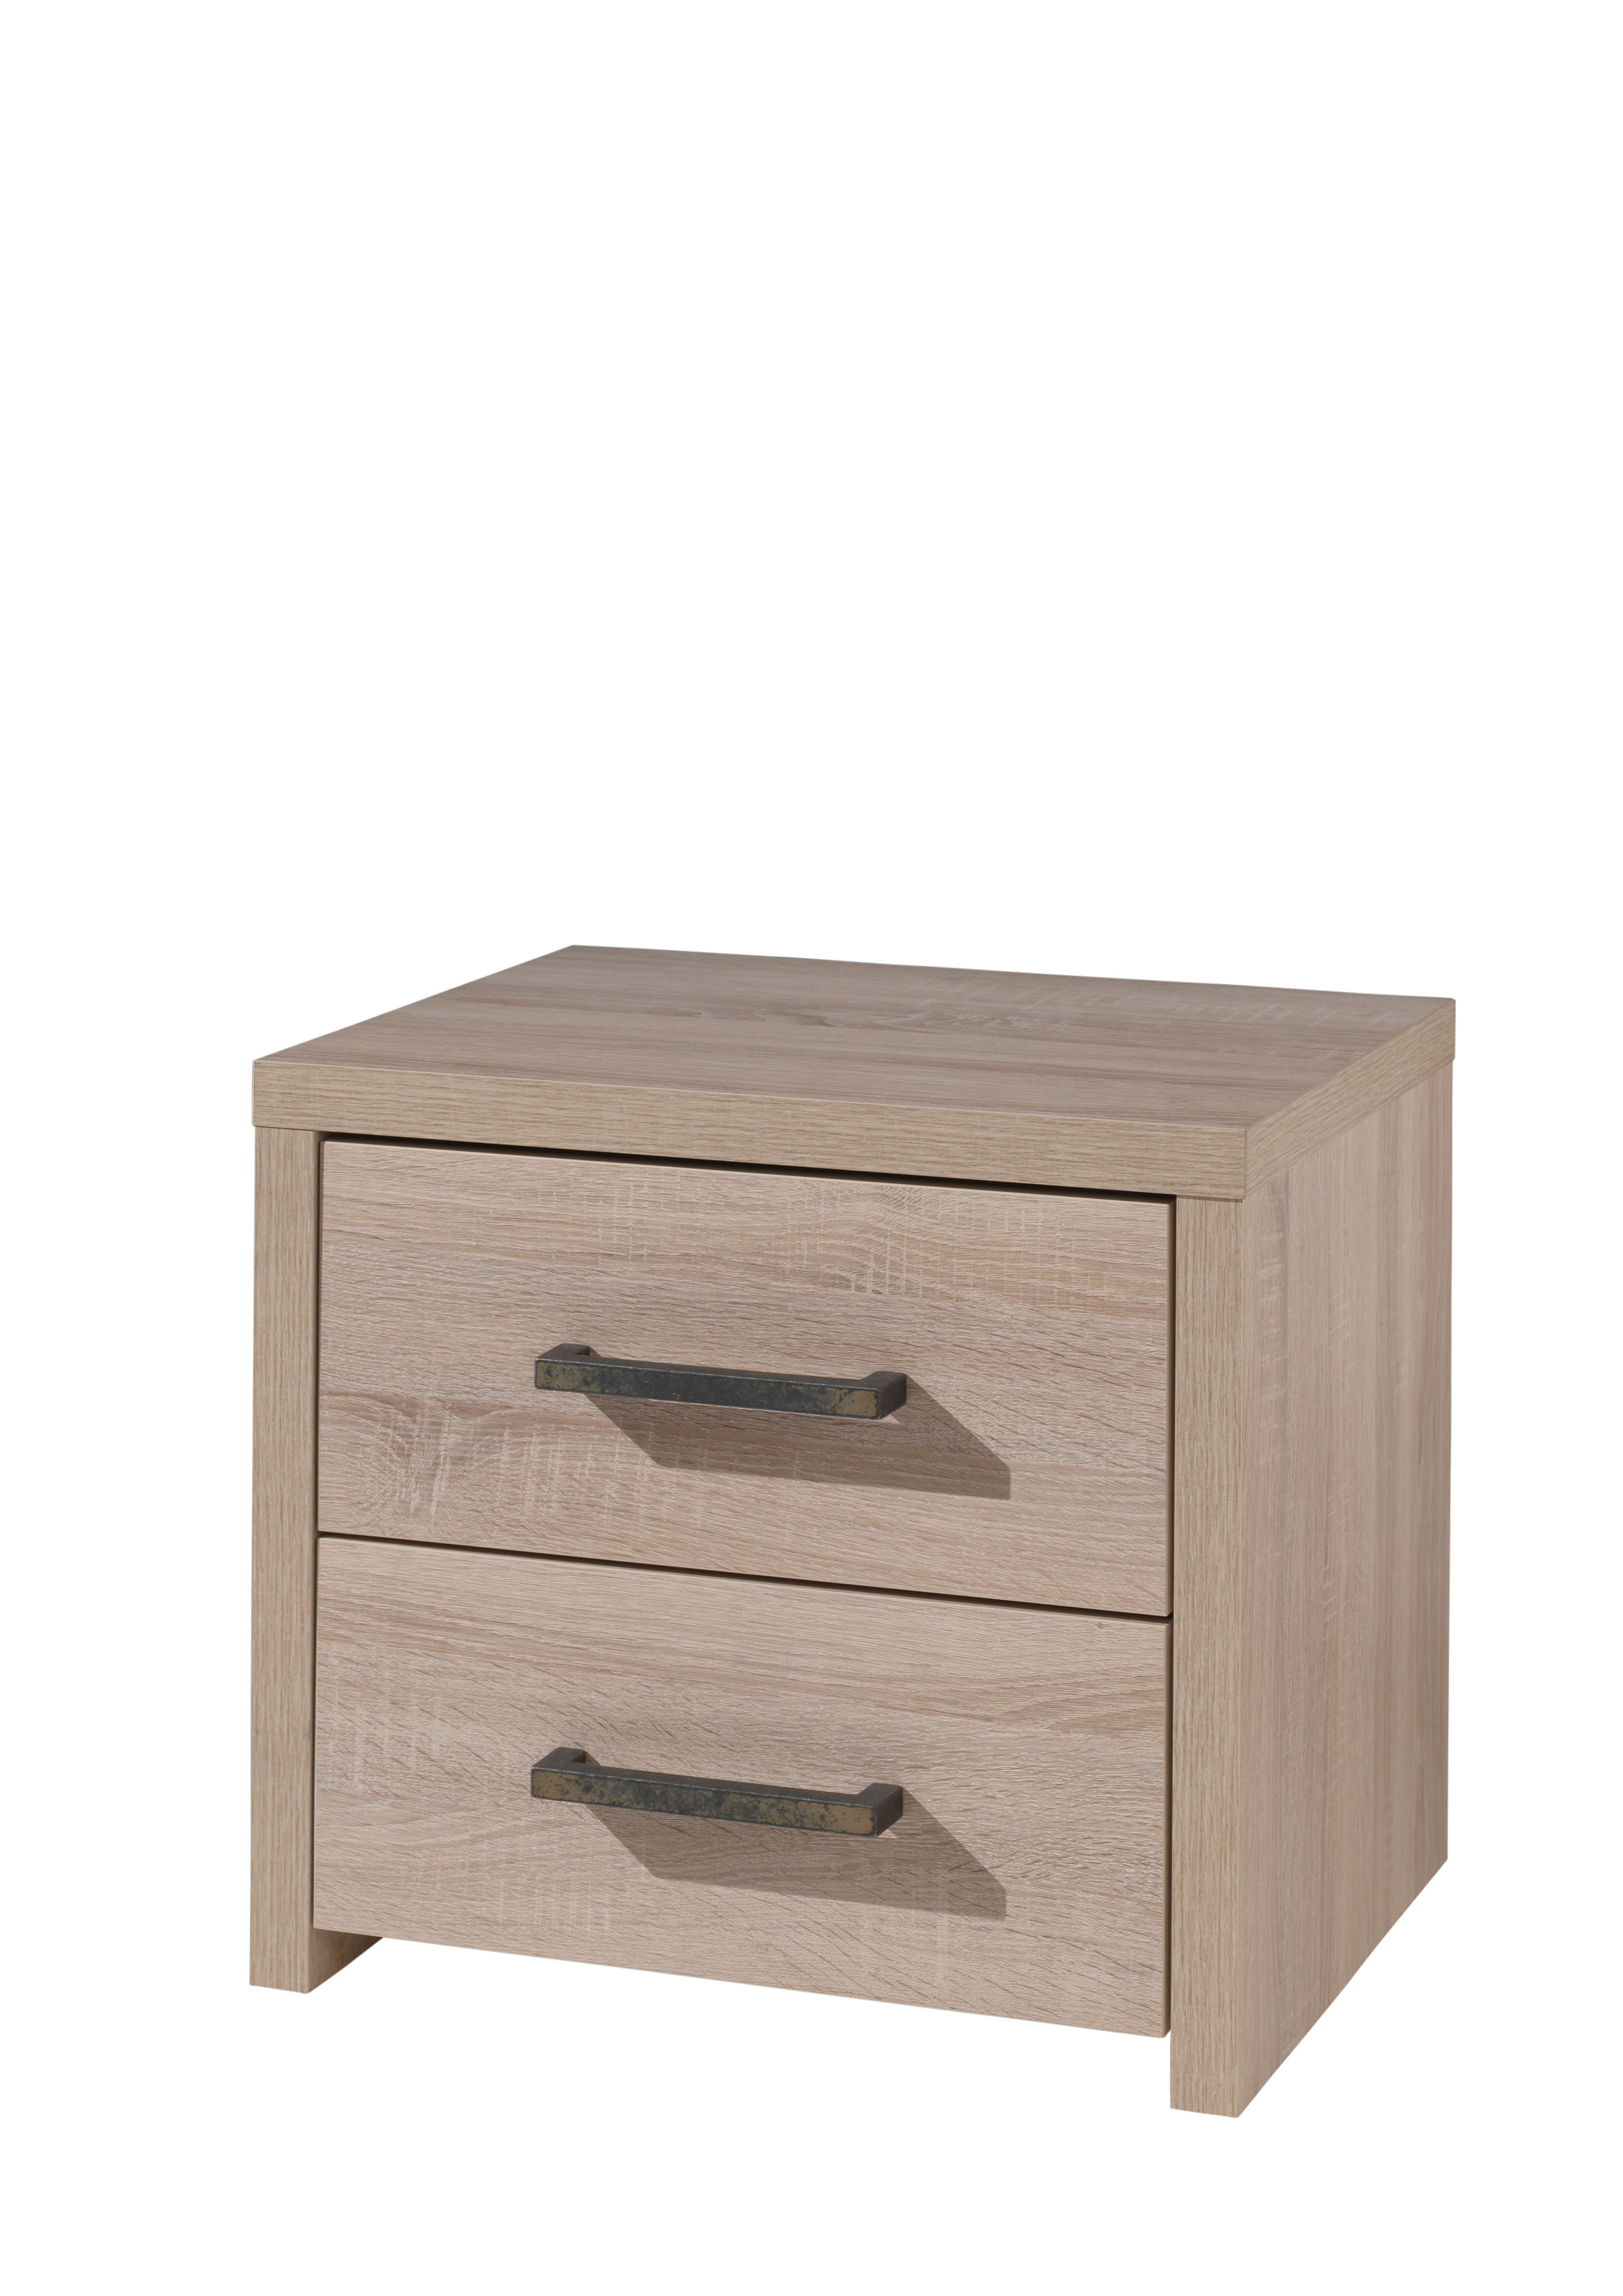 Noptiera din pal cu 2 sertare, pentru copii Aline Stejar deschis, l50xA40xH45,5 cm poza